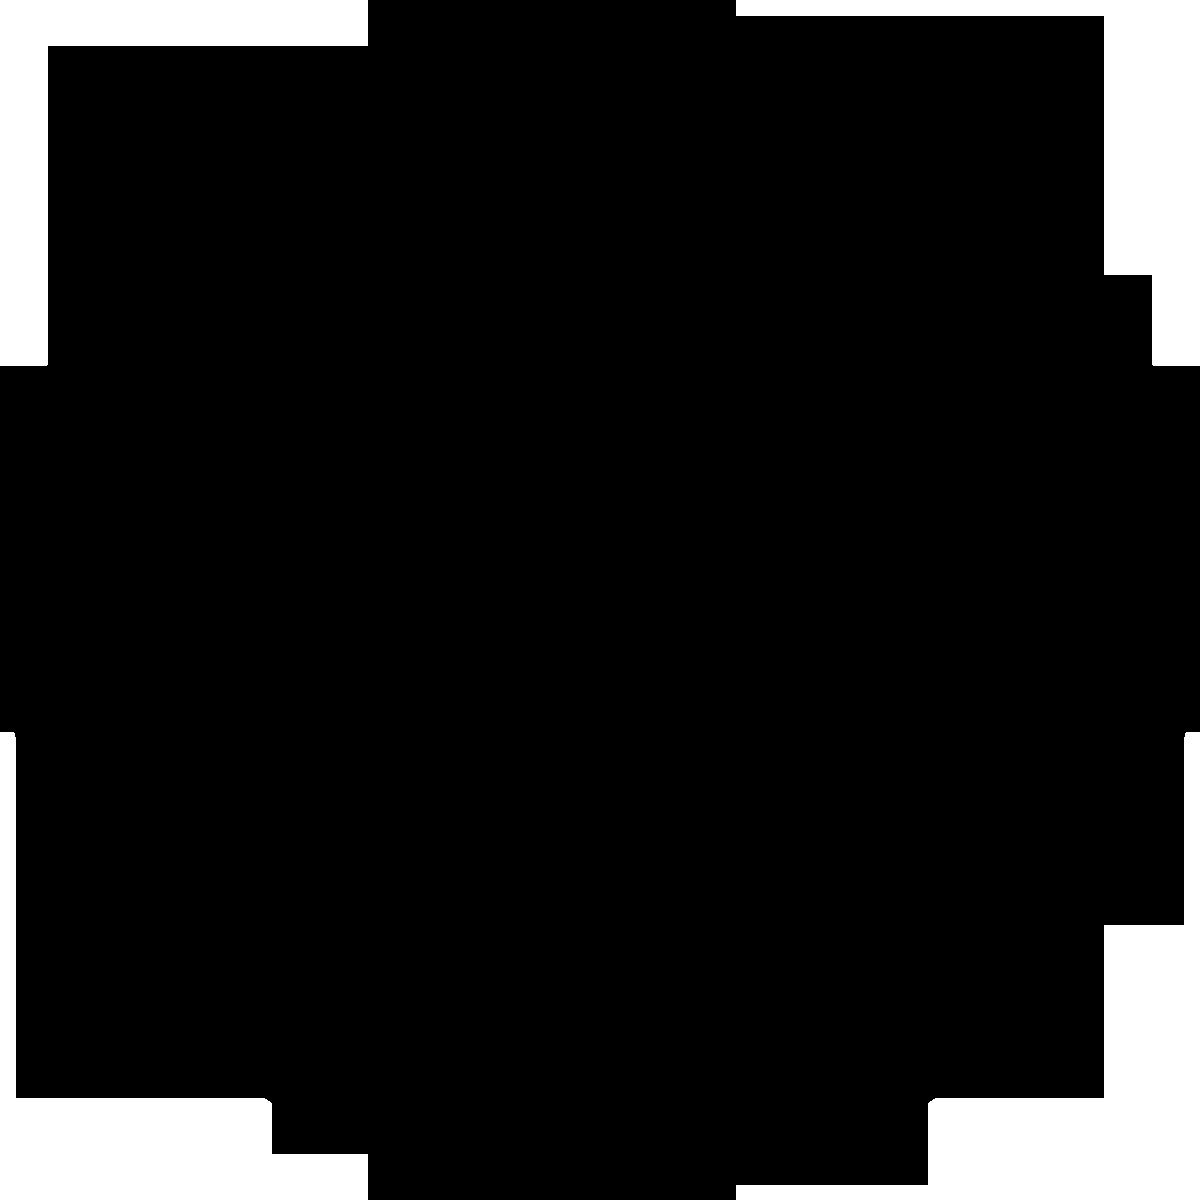 Mortal Kombat логотип PNG